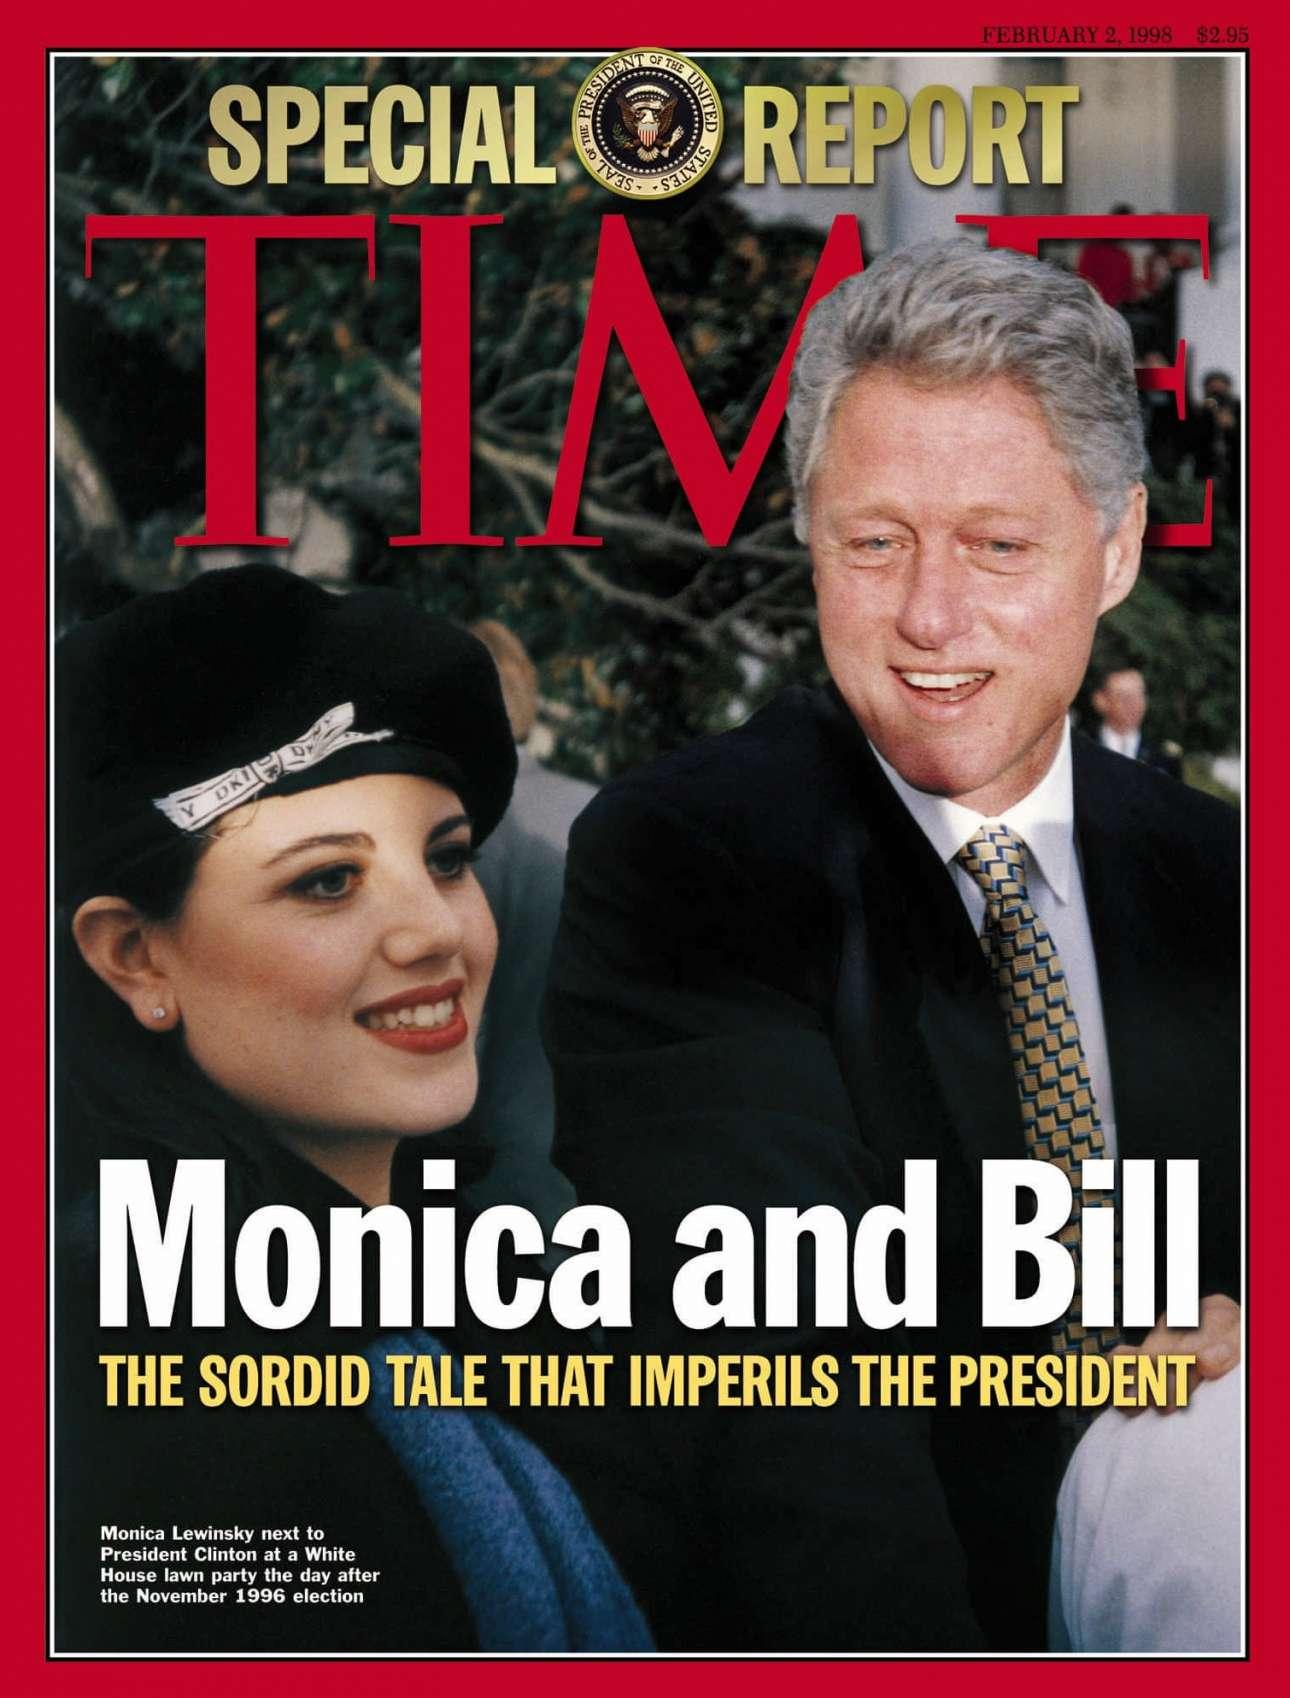 Στις 2 Φεβρουαρίου 1998 το σκάνδαλο με την ανάρμοστη σχέση της Μόνικα Λιουίνσκι και του Μπιλ Κλίντον κυριαρχούσε στο εξώφυλλο, με το περιοδικό να επιλέγει μια φωτογραφία με τους δύο στον κήπο του Λευκού Οίκου μετά τις εκλογές του 1996